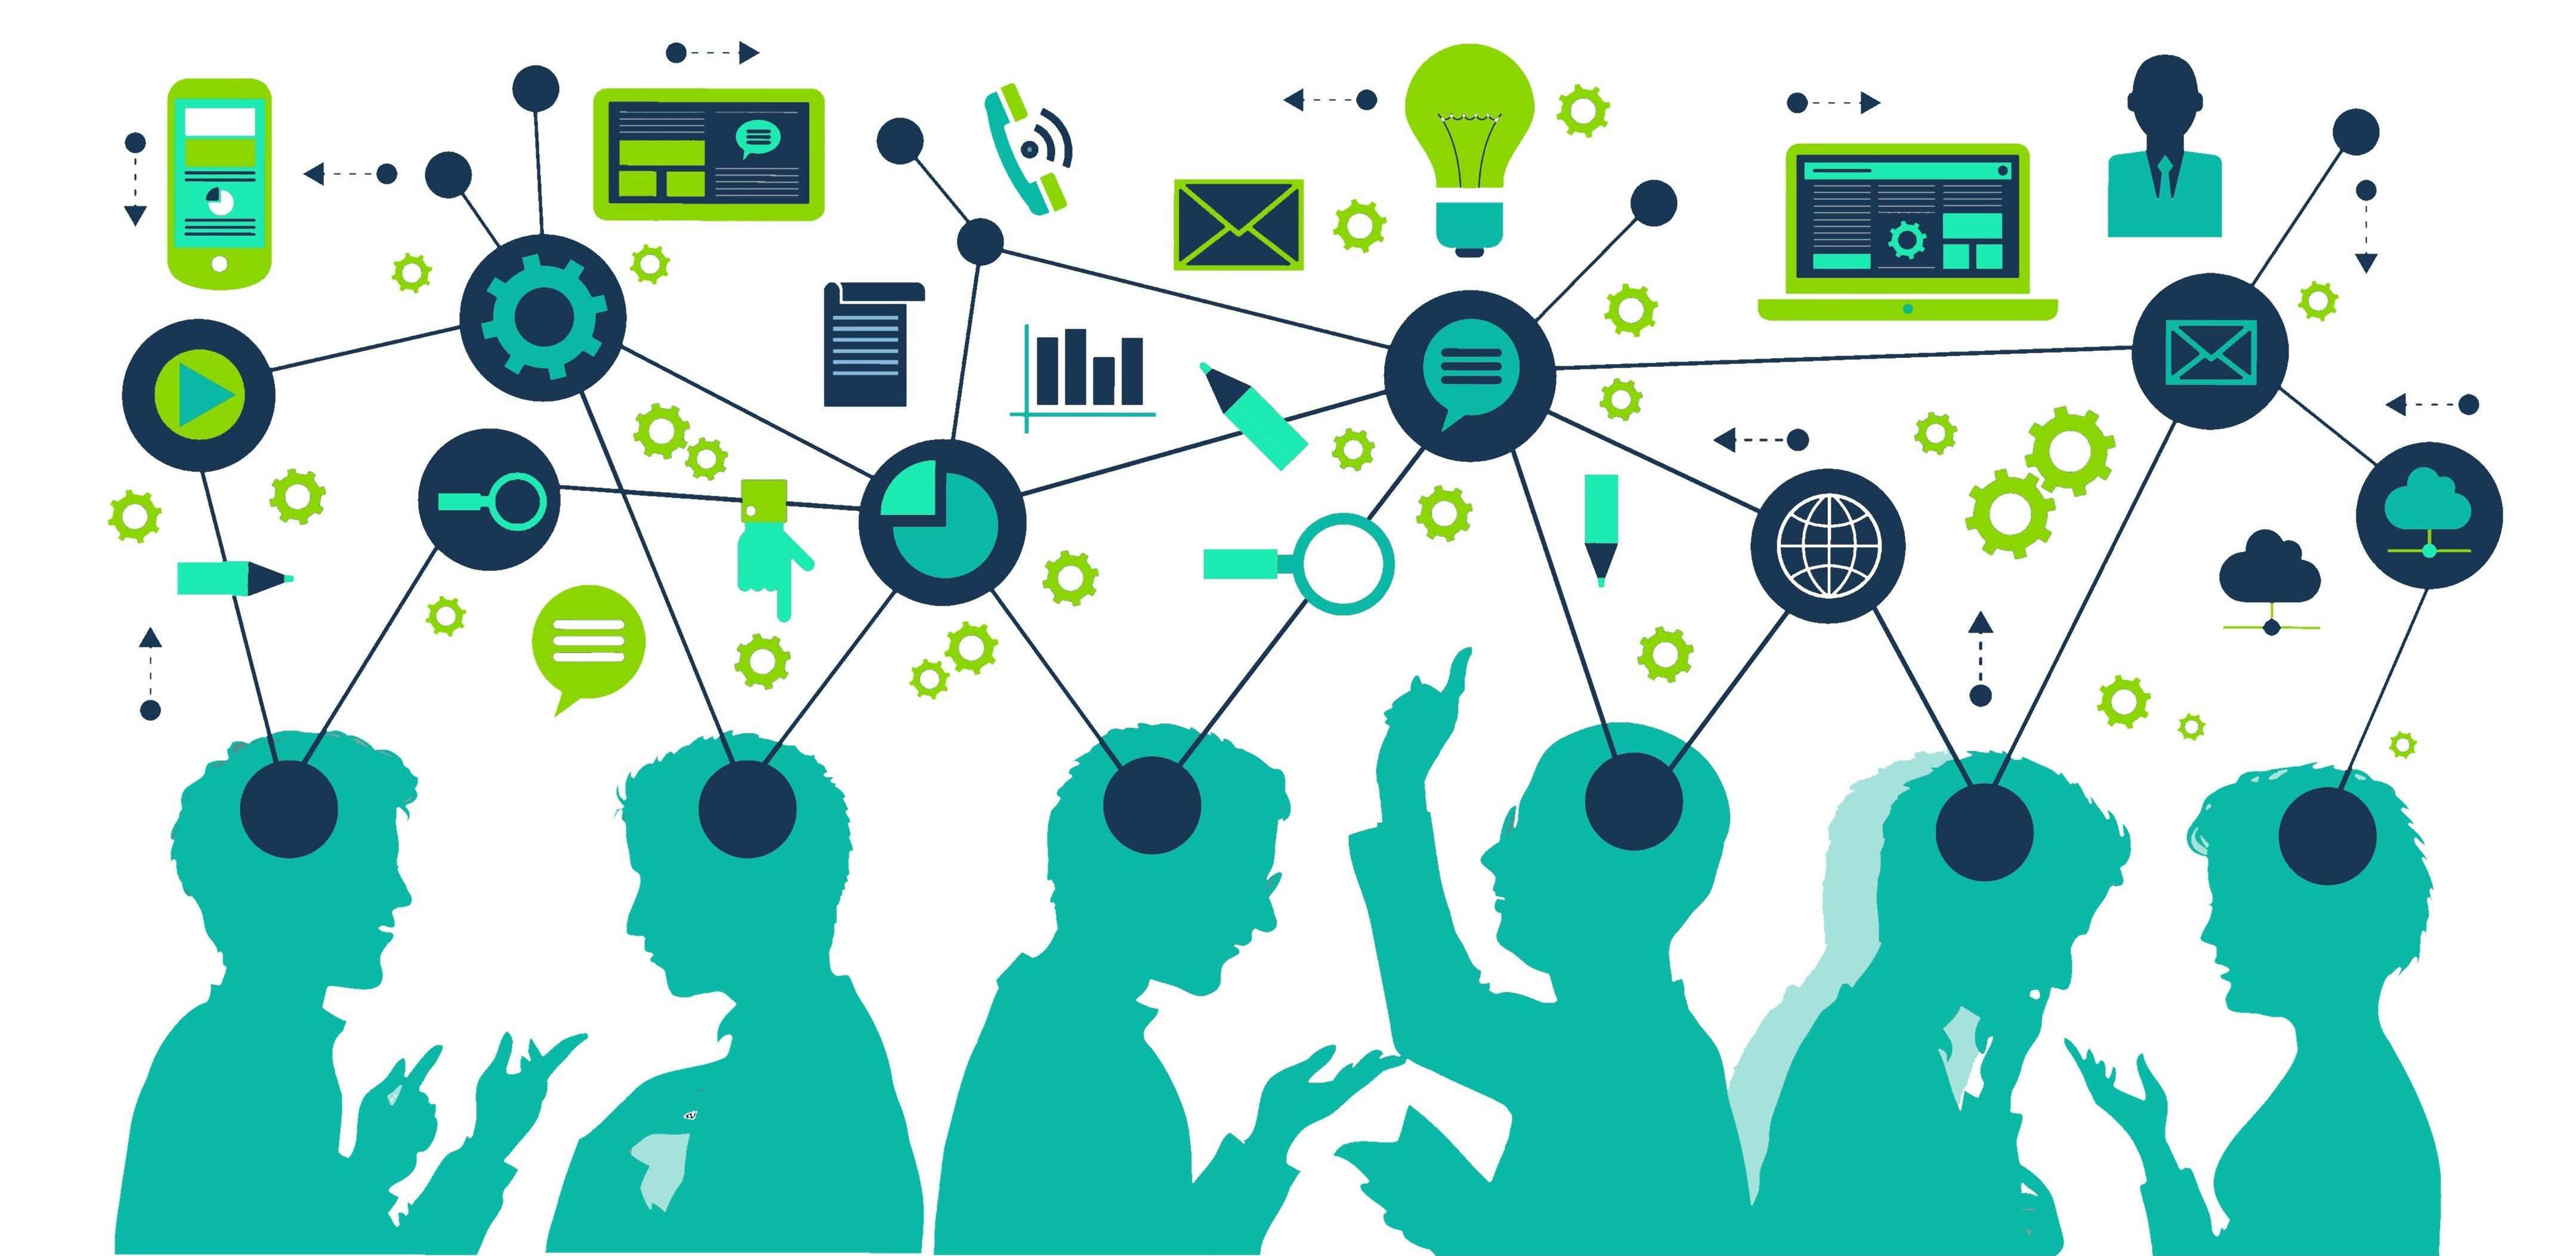 سیستم مدیریت ارتباط با مشتریان CRM